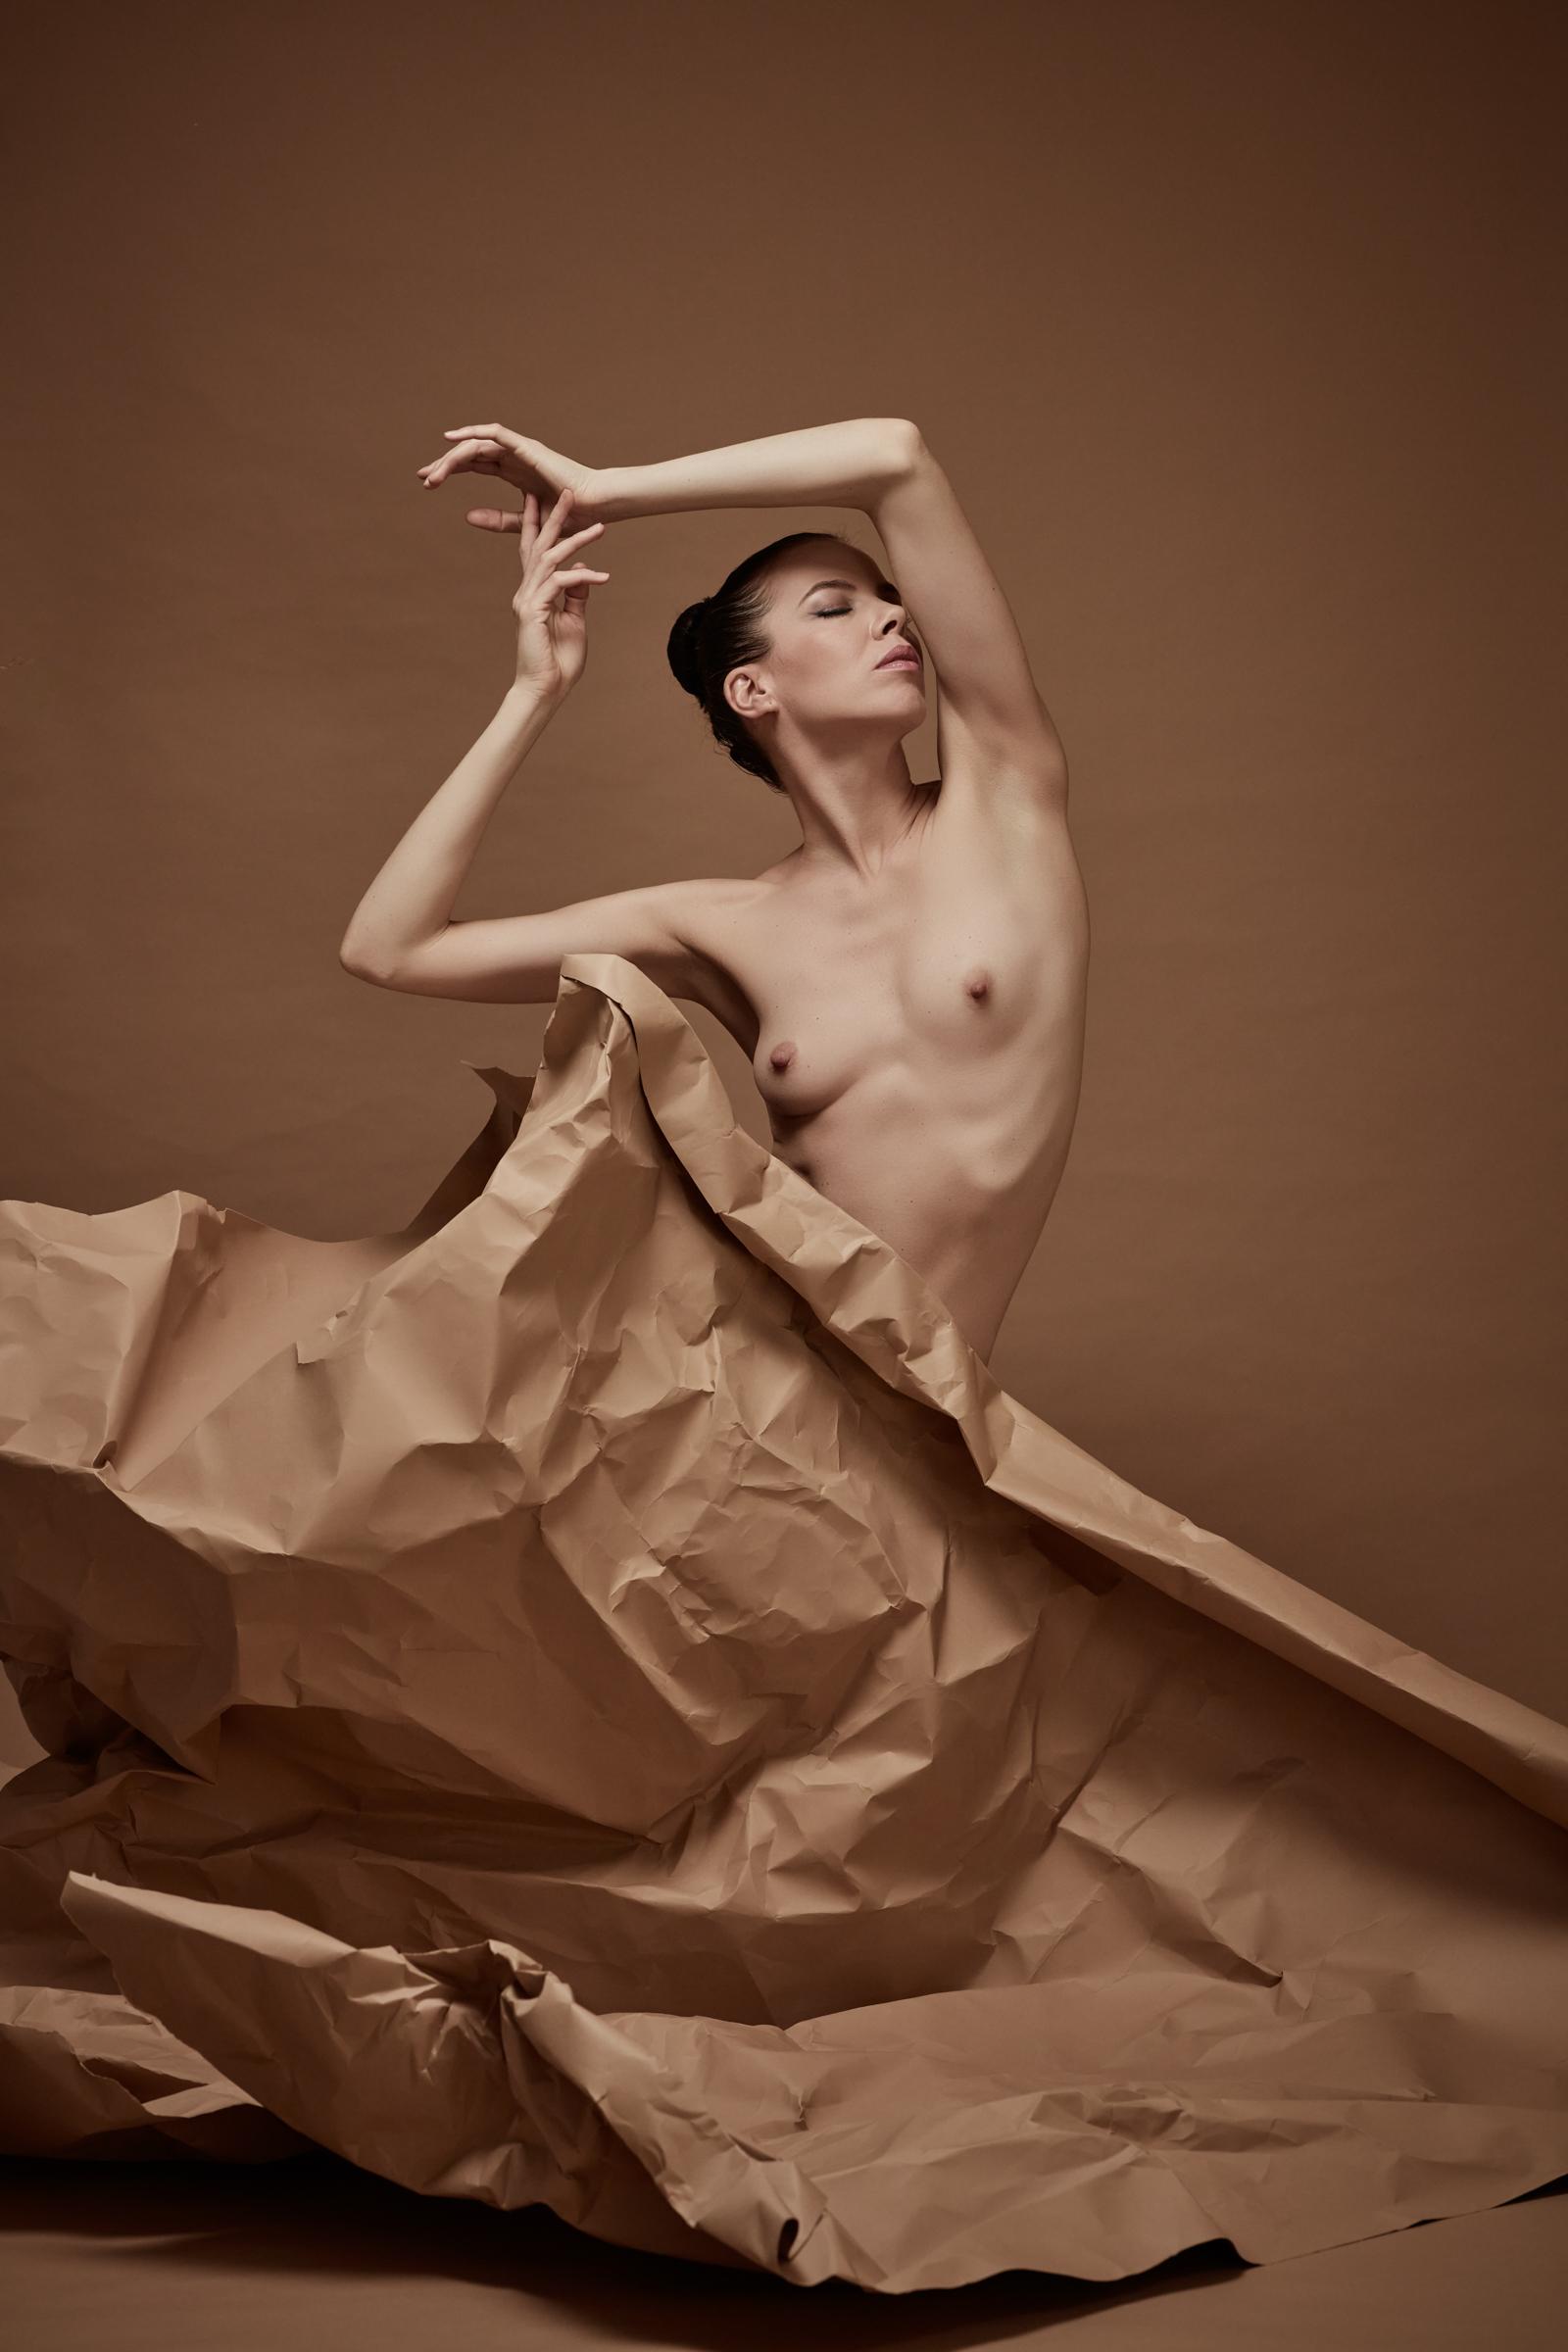 denisa sculptural art nude in studio mainz 03